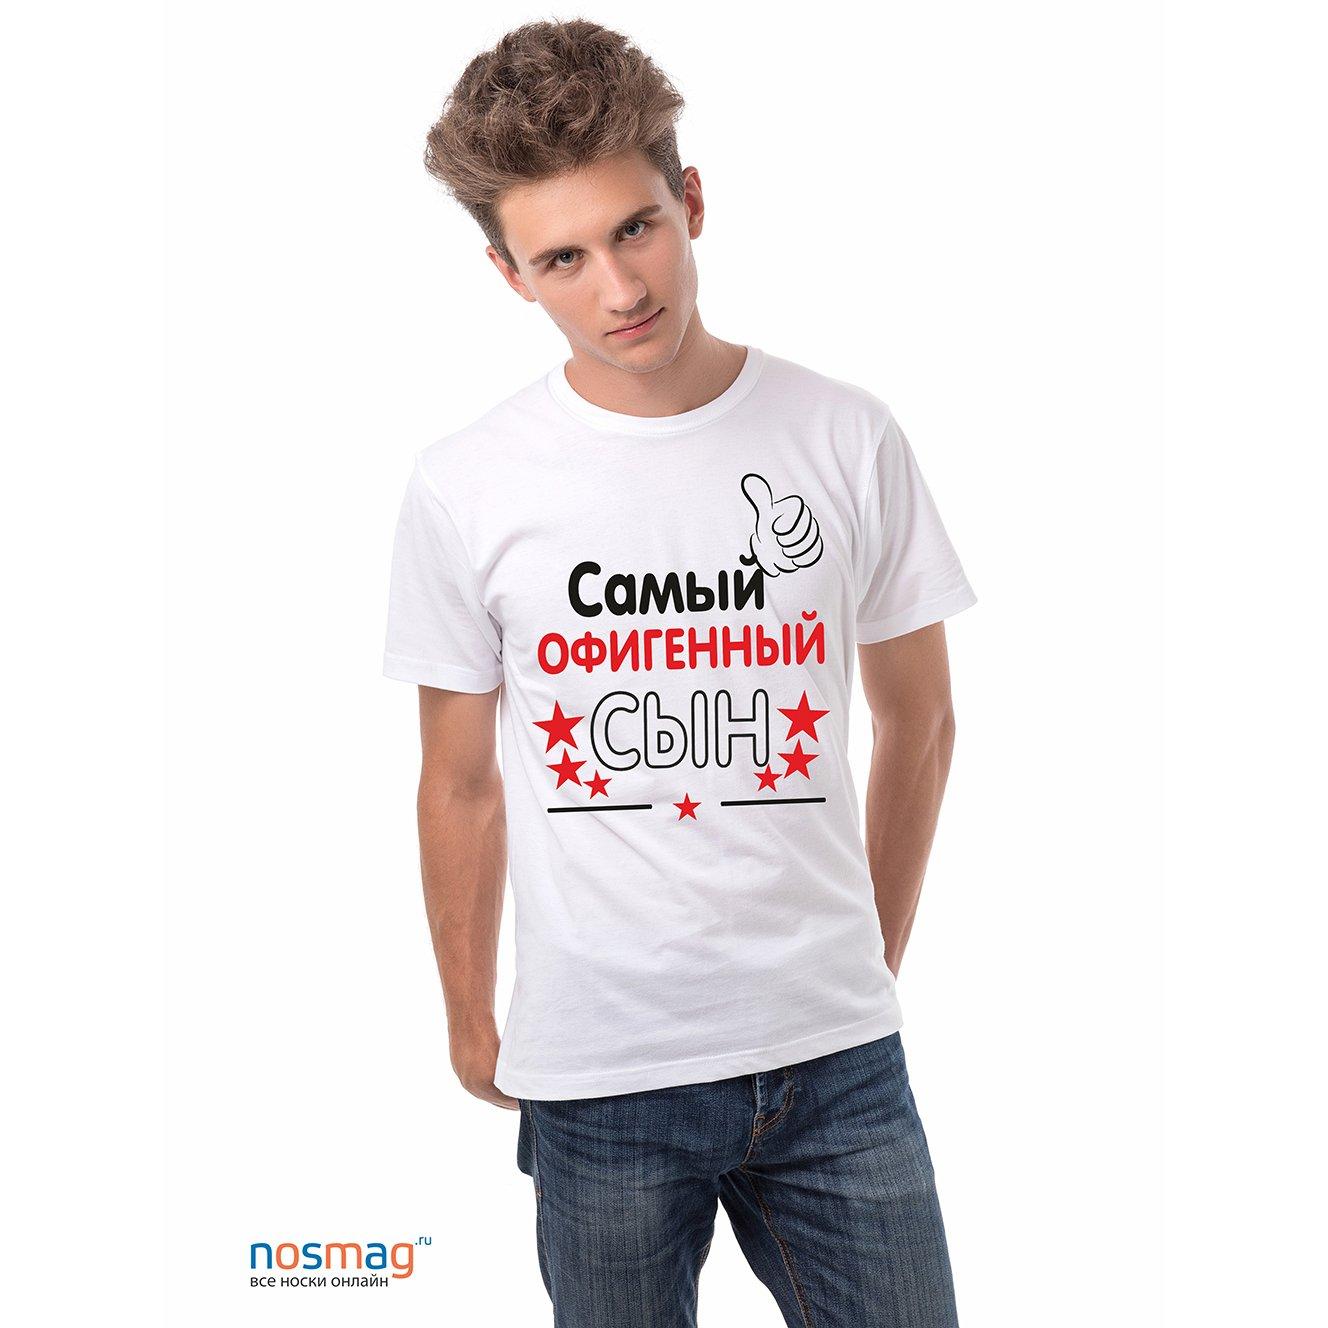 Мужская футболка с рисунком Самый офигенный сын